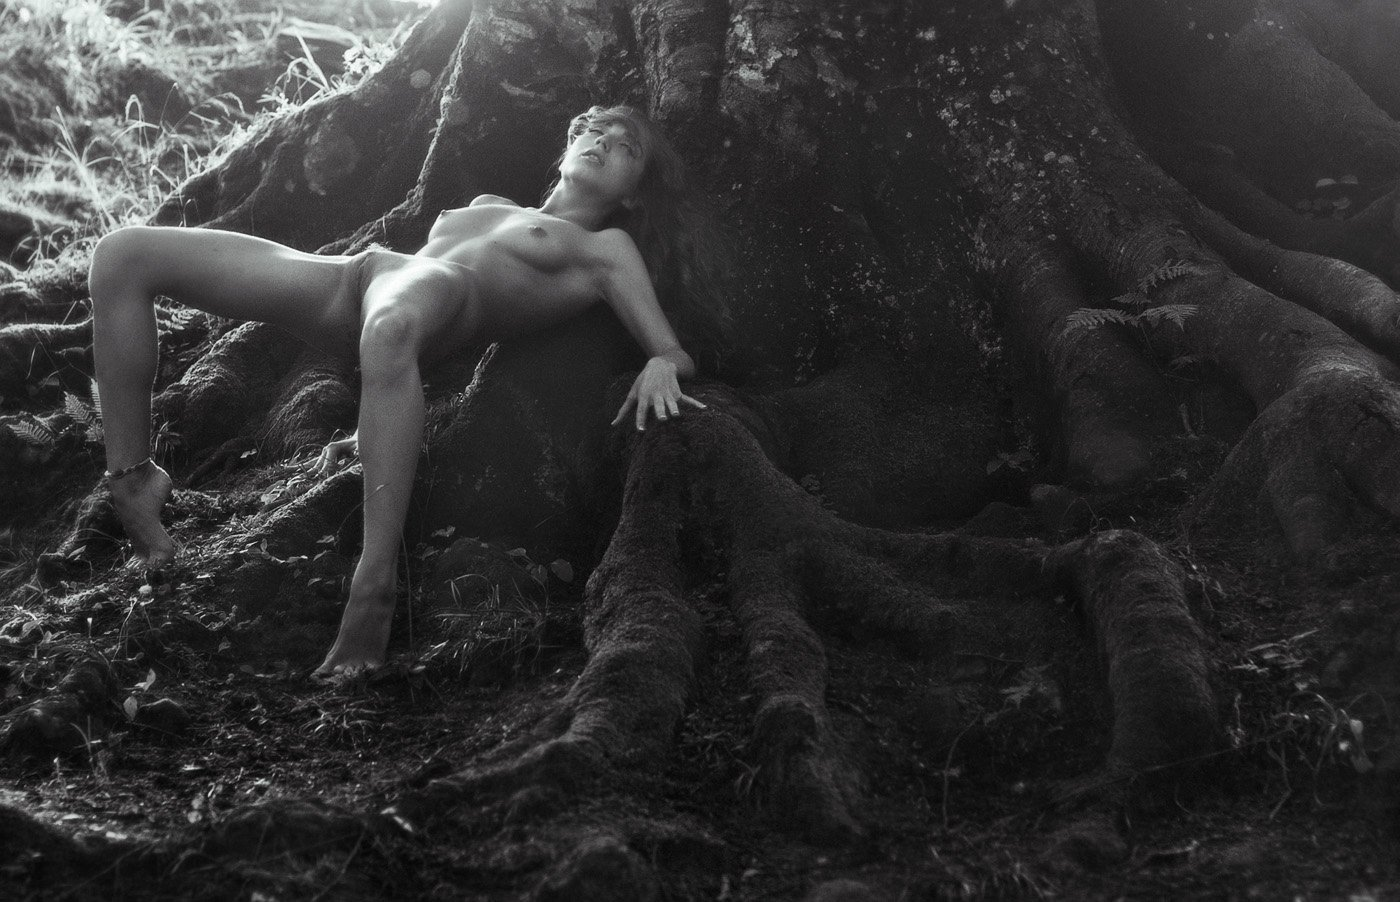 эротика,лес,природа, Аркадий Курта